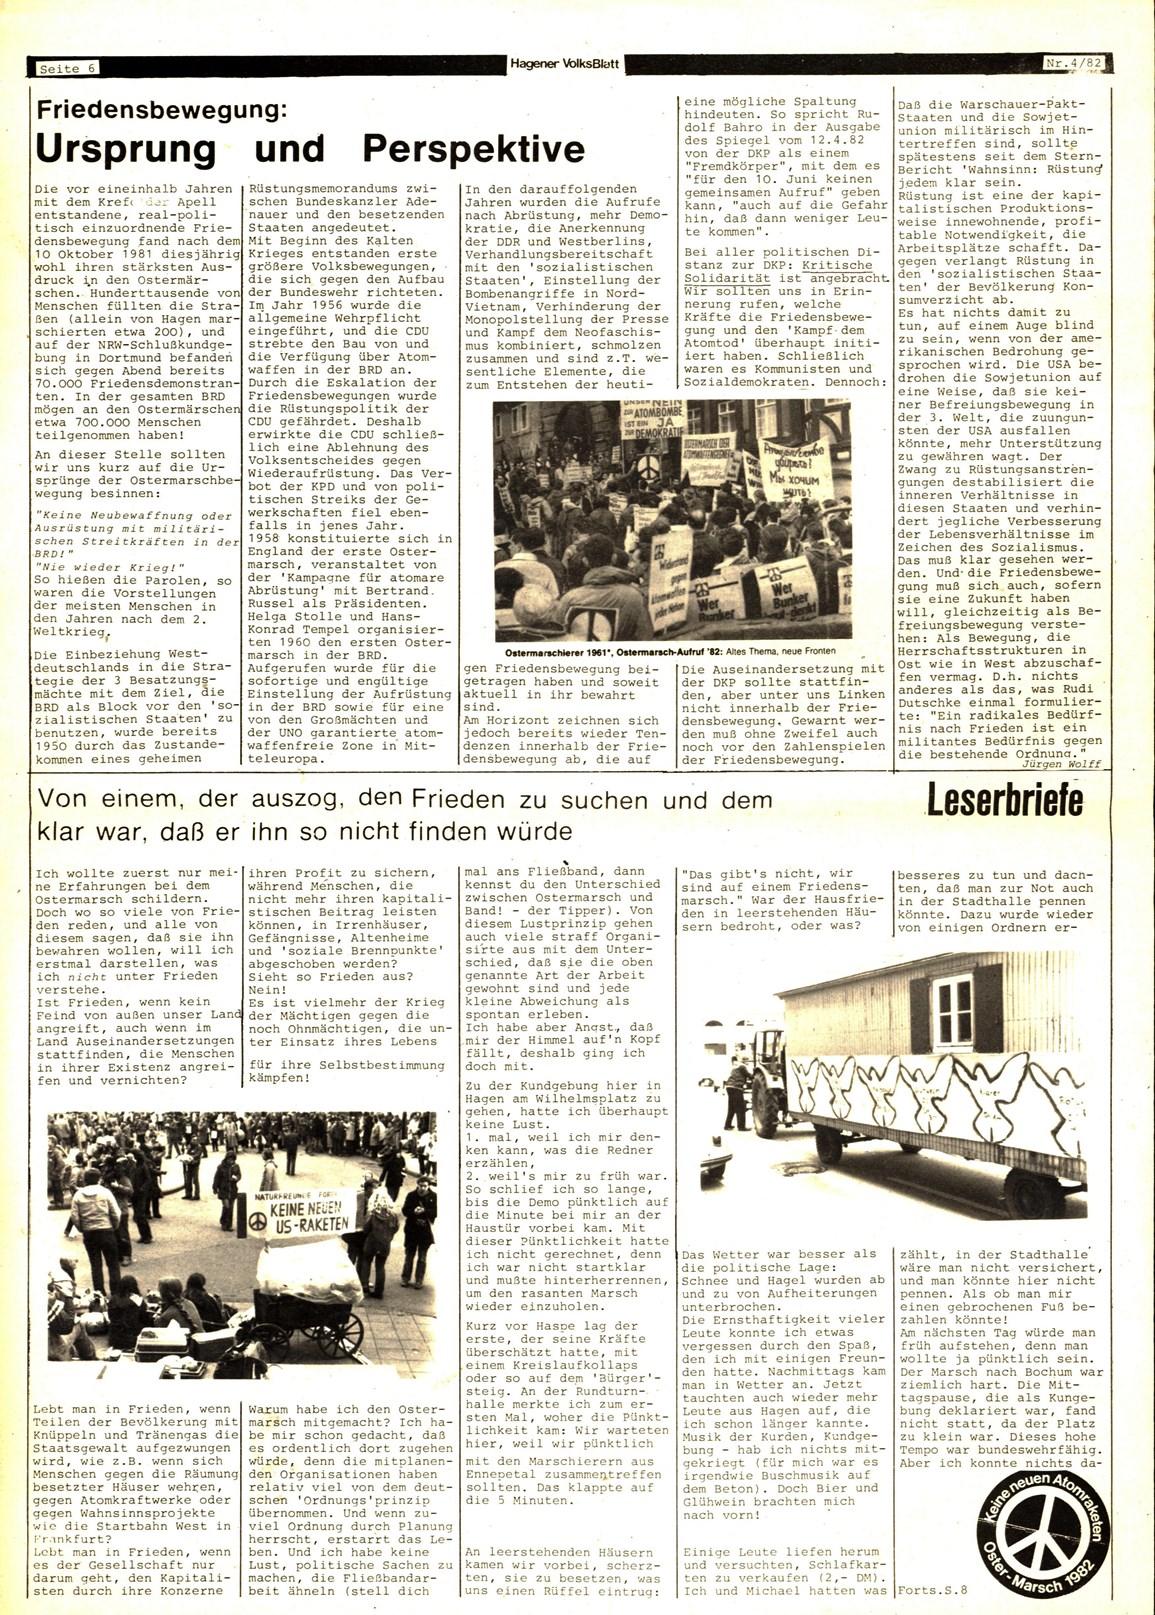 Hagen_Volksblatt_19820600_06